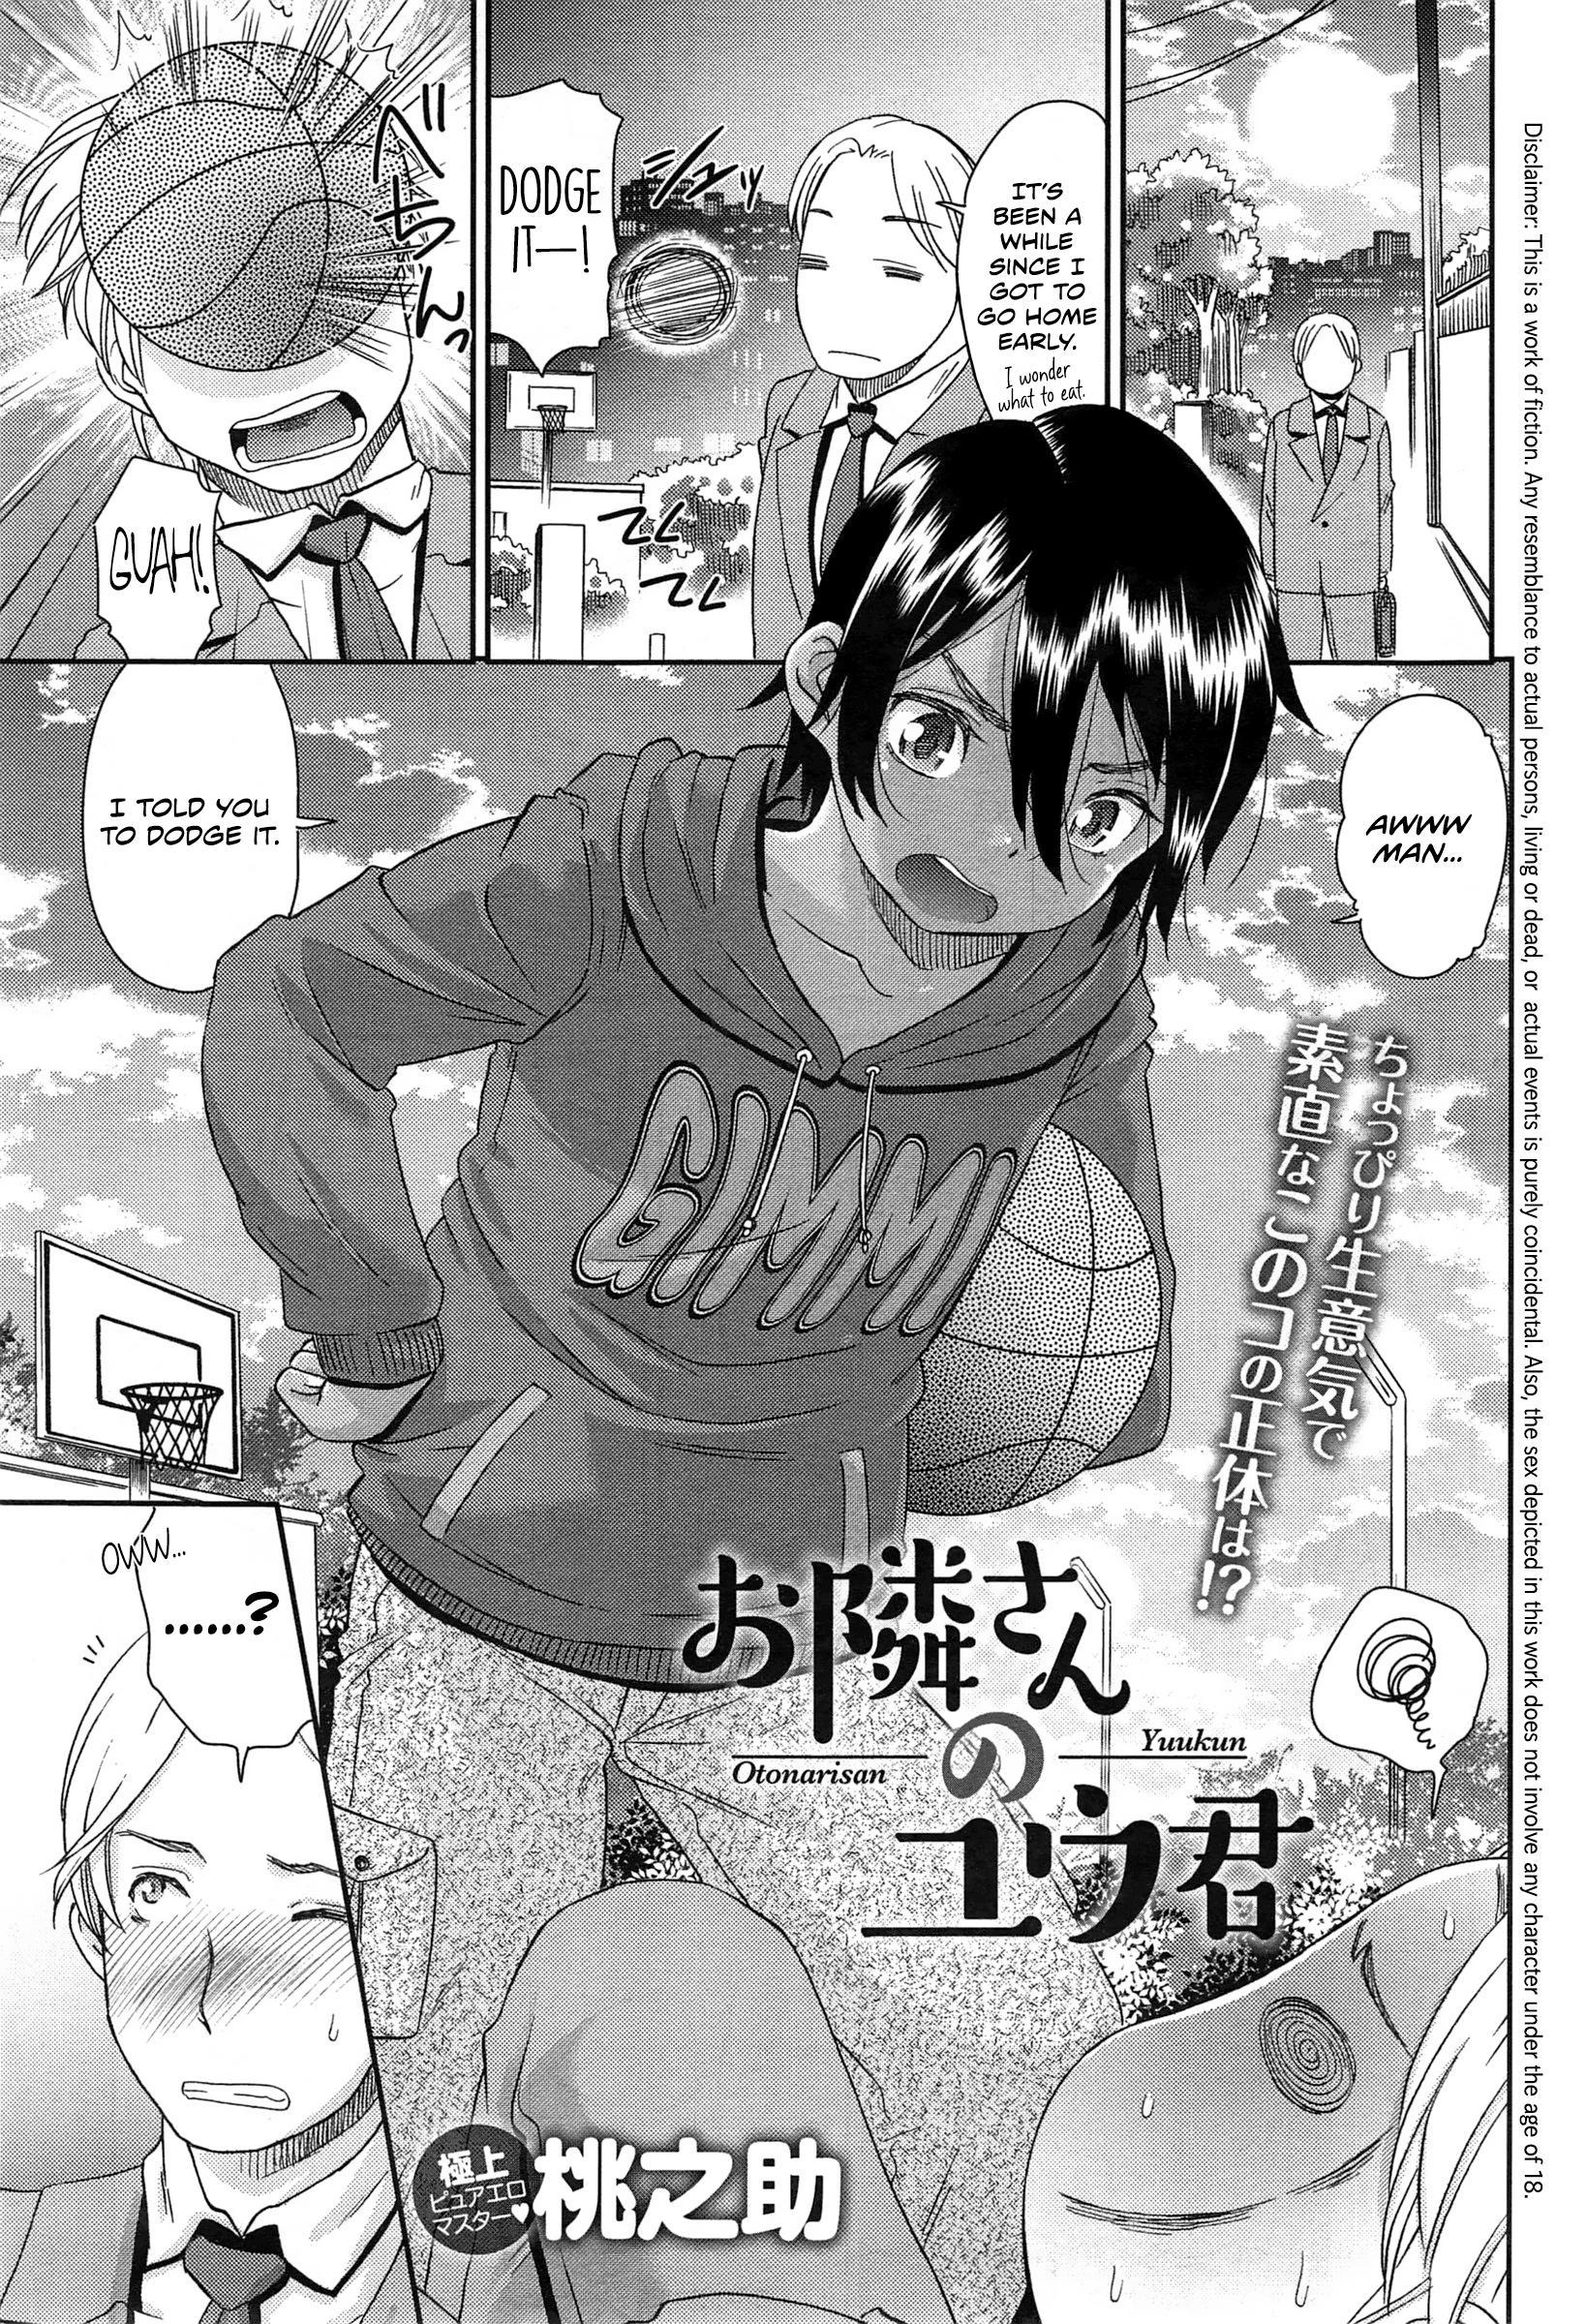 [Momonosuke] Otonari-san no Yuu-kun (COMIC anthurium 023 2015-03) [English] [Team Koinaka] 0